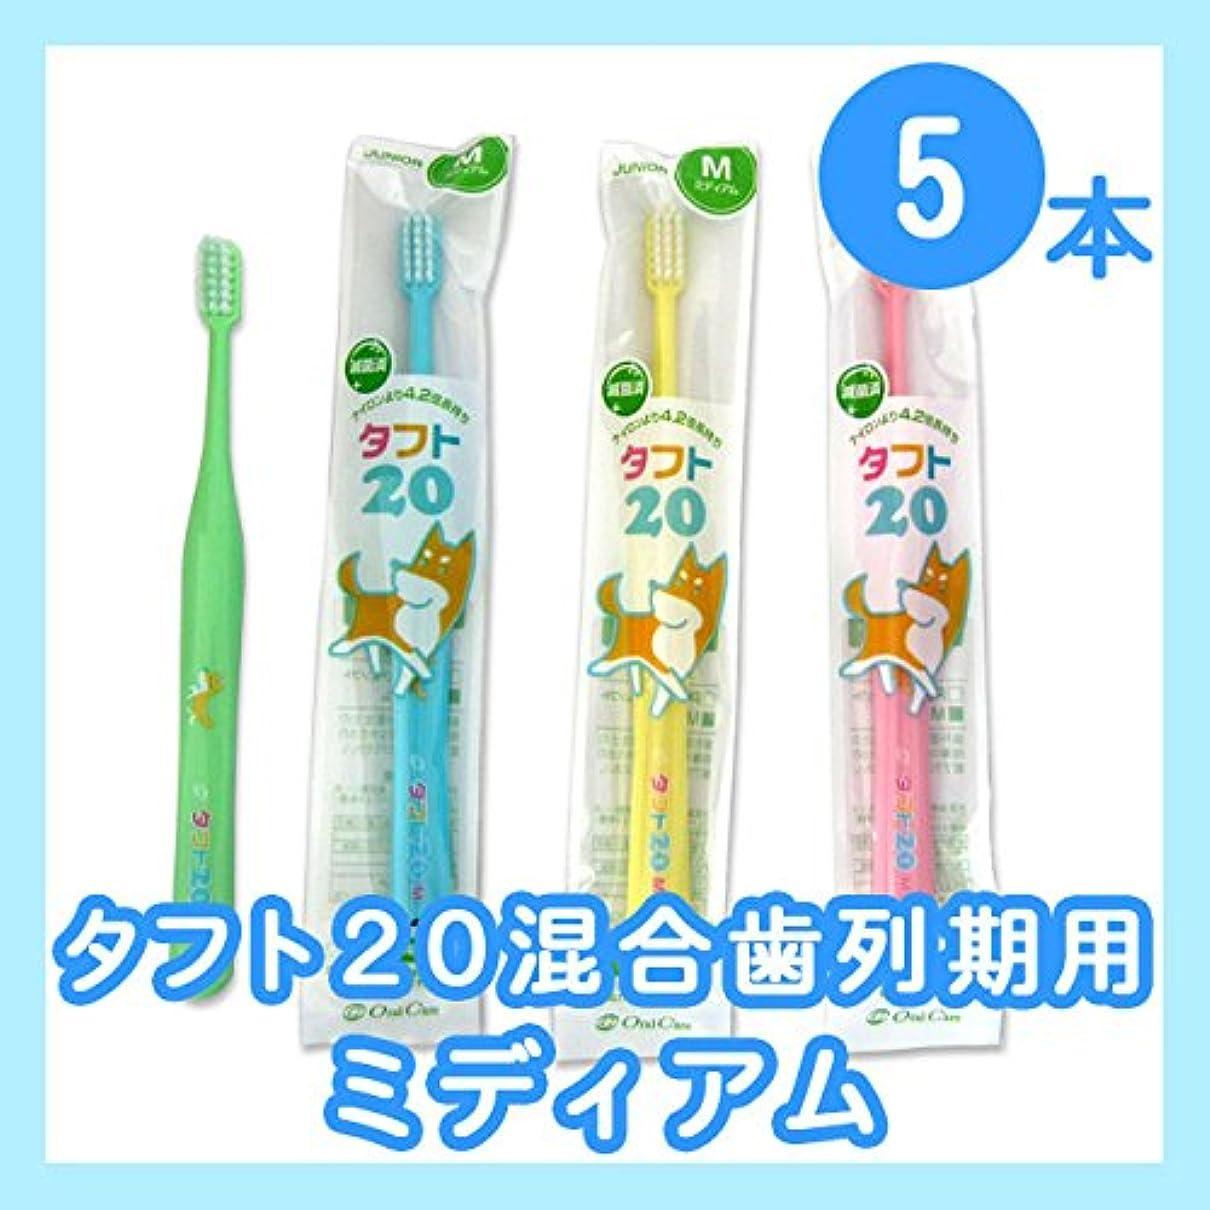 ピストン手段インストールタフト20 5本 オーラルケア タフト20/ミディアム 混合歯列期用(6~12歳)こども歯ブラシ 5本セット 子供 歯ブラシ【 ブルー